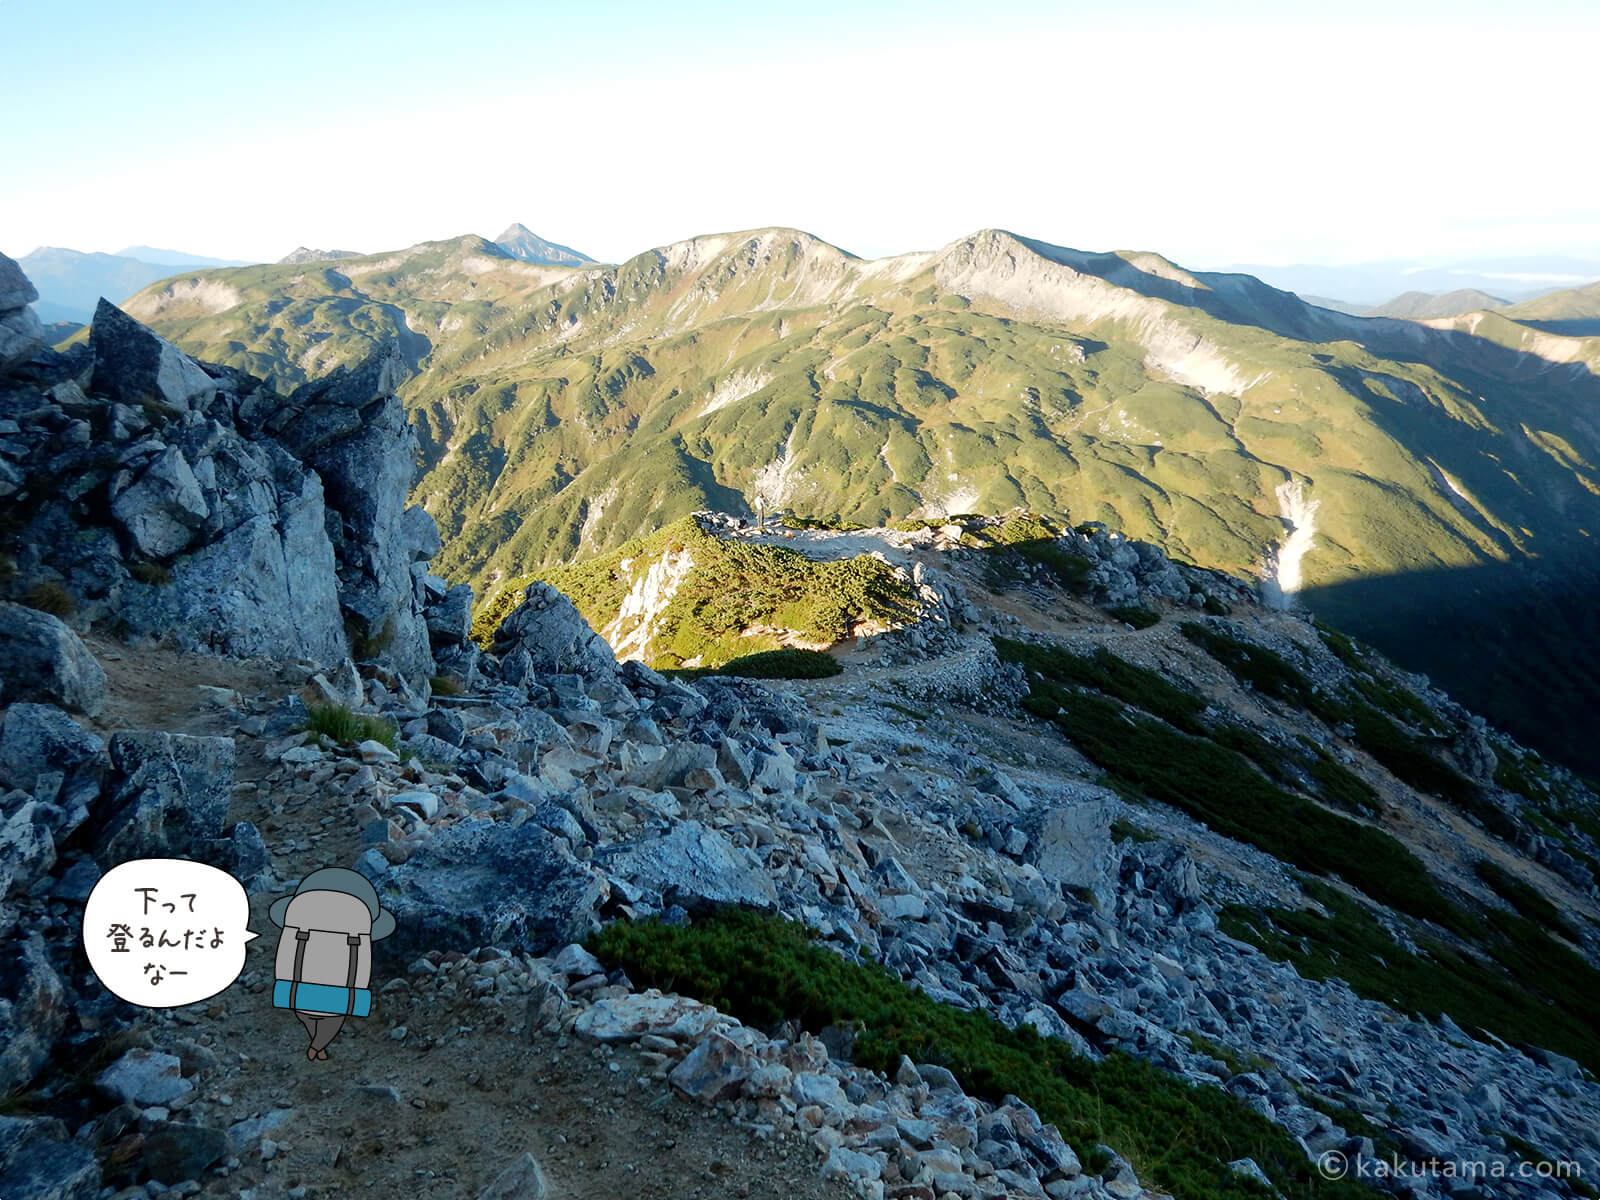 鷲羽岳からの登山道